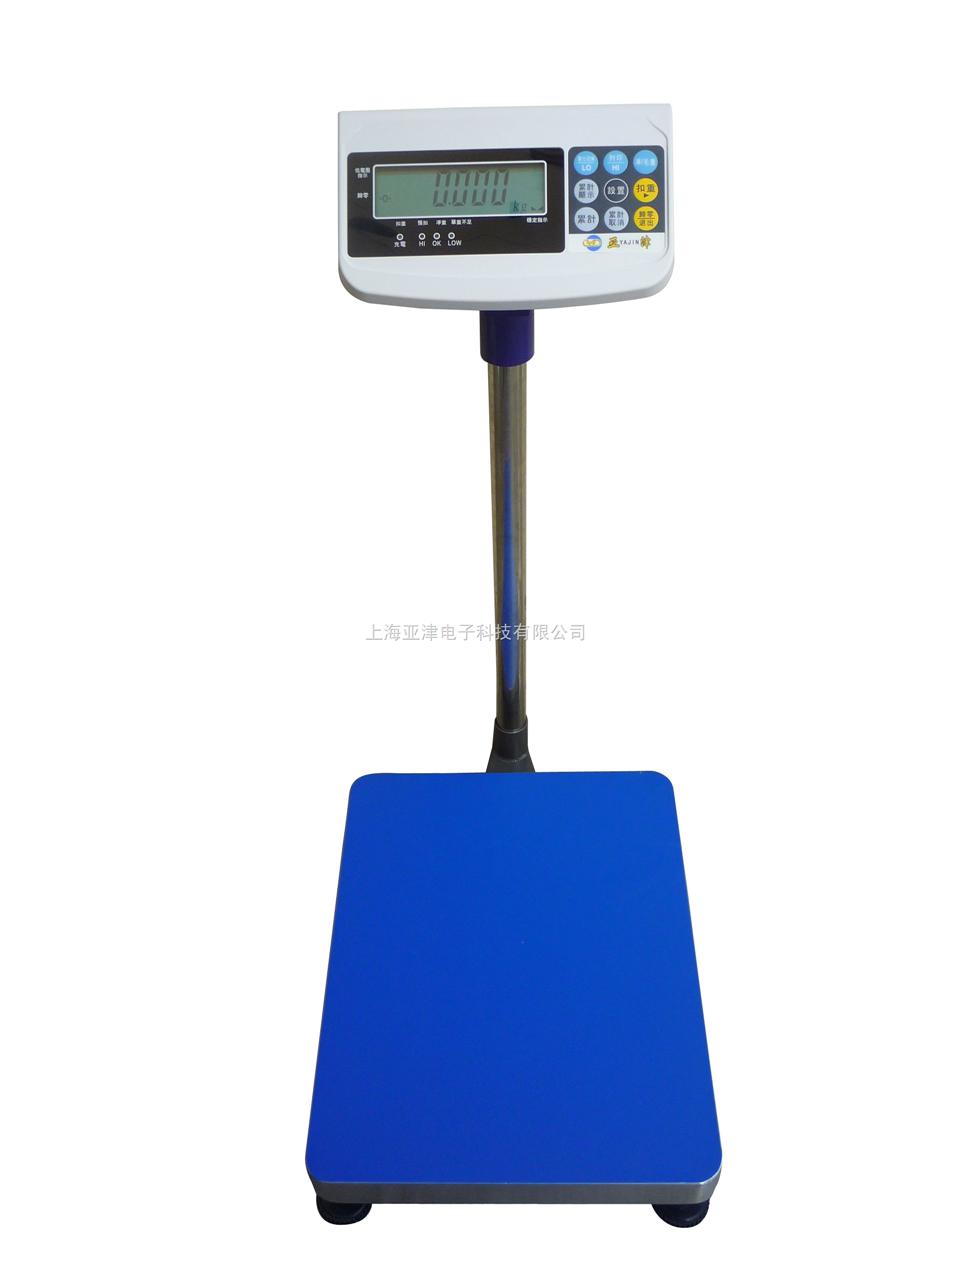 计重电子台秤北京30公斤精度2克落地式电子秤